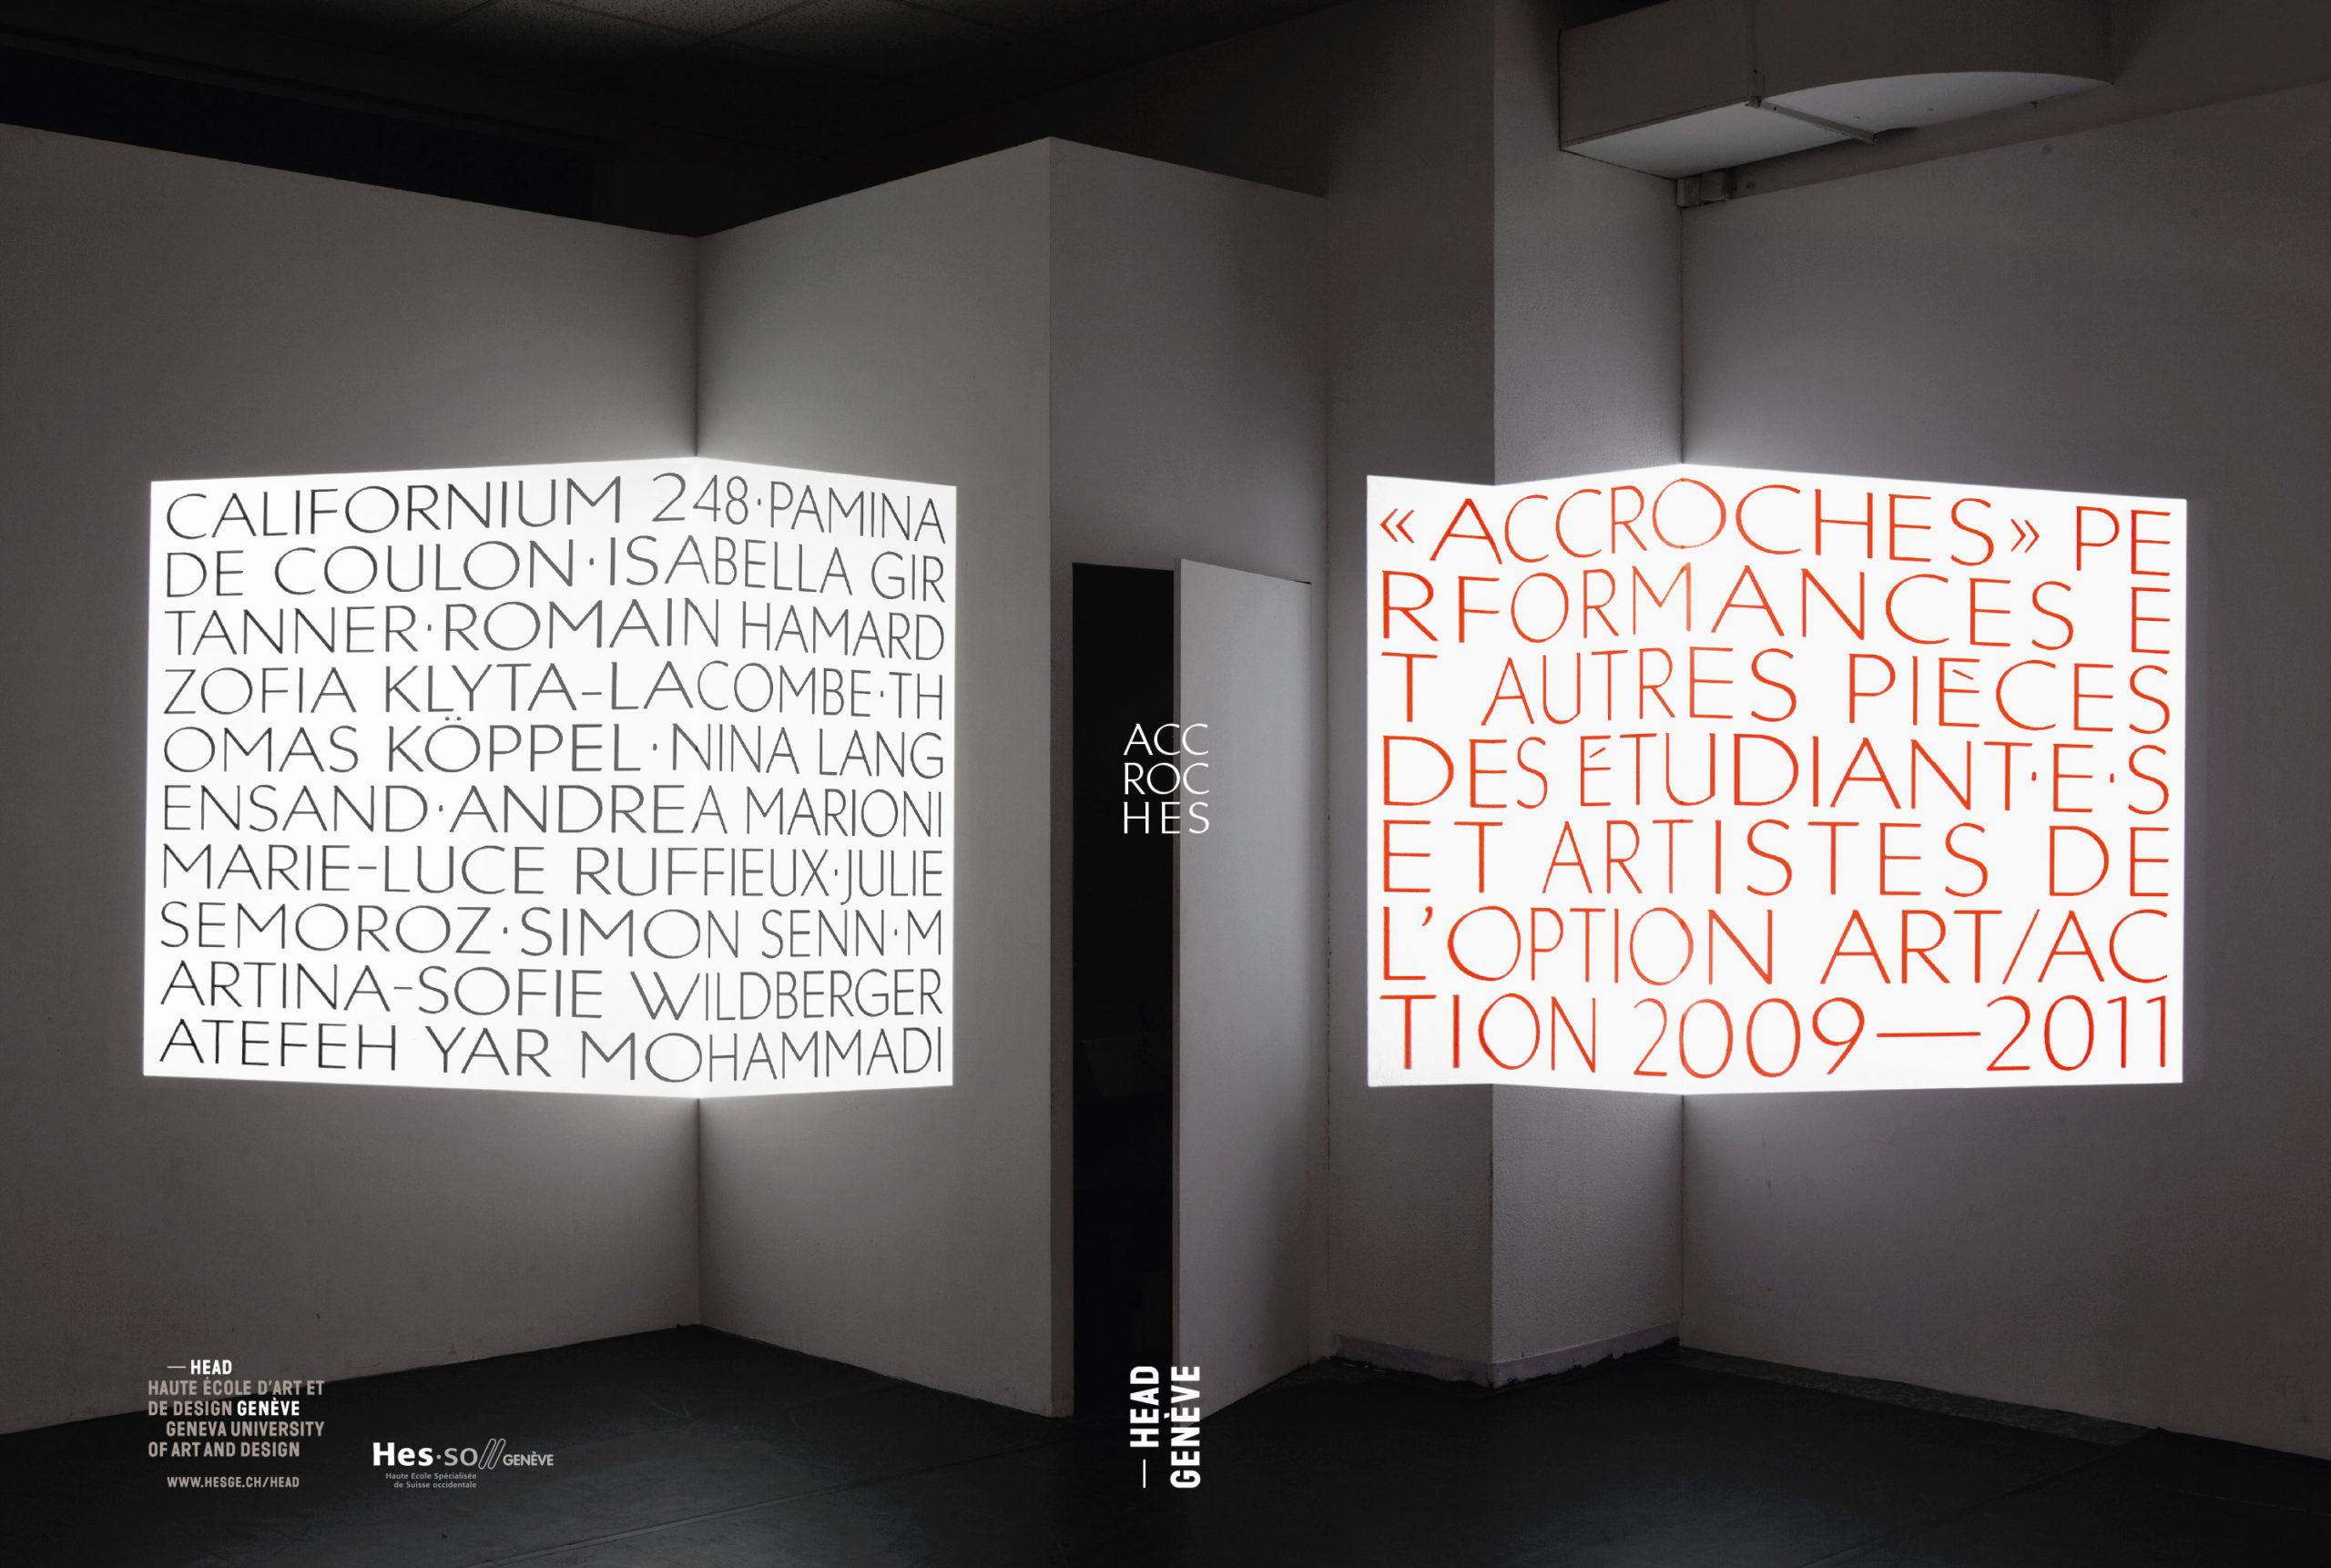 Compilation de performances de la classe art/action de la HEAD, Genève (couverture). Les titres ont été projetés dans la salle de classe. Photographie: Geoffrey Cottenceau. En tant que Schönherwehrs.